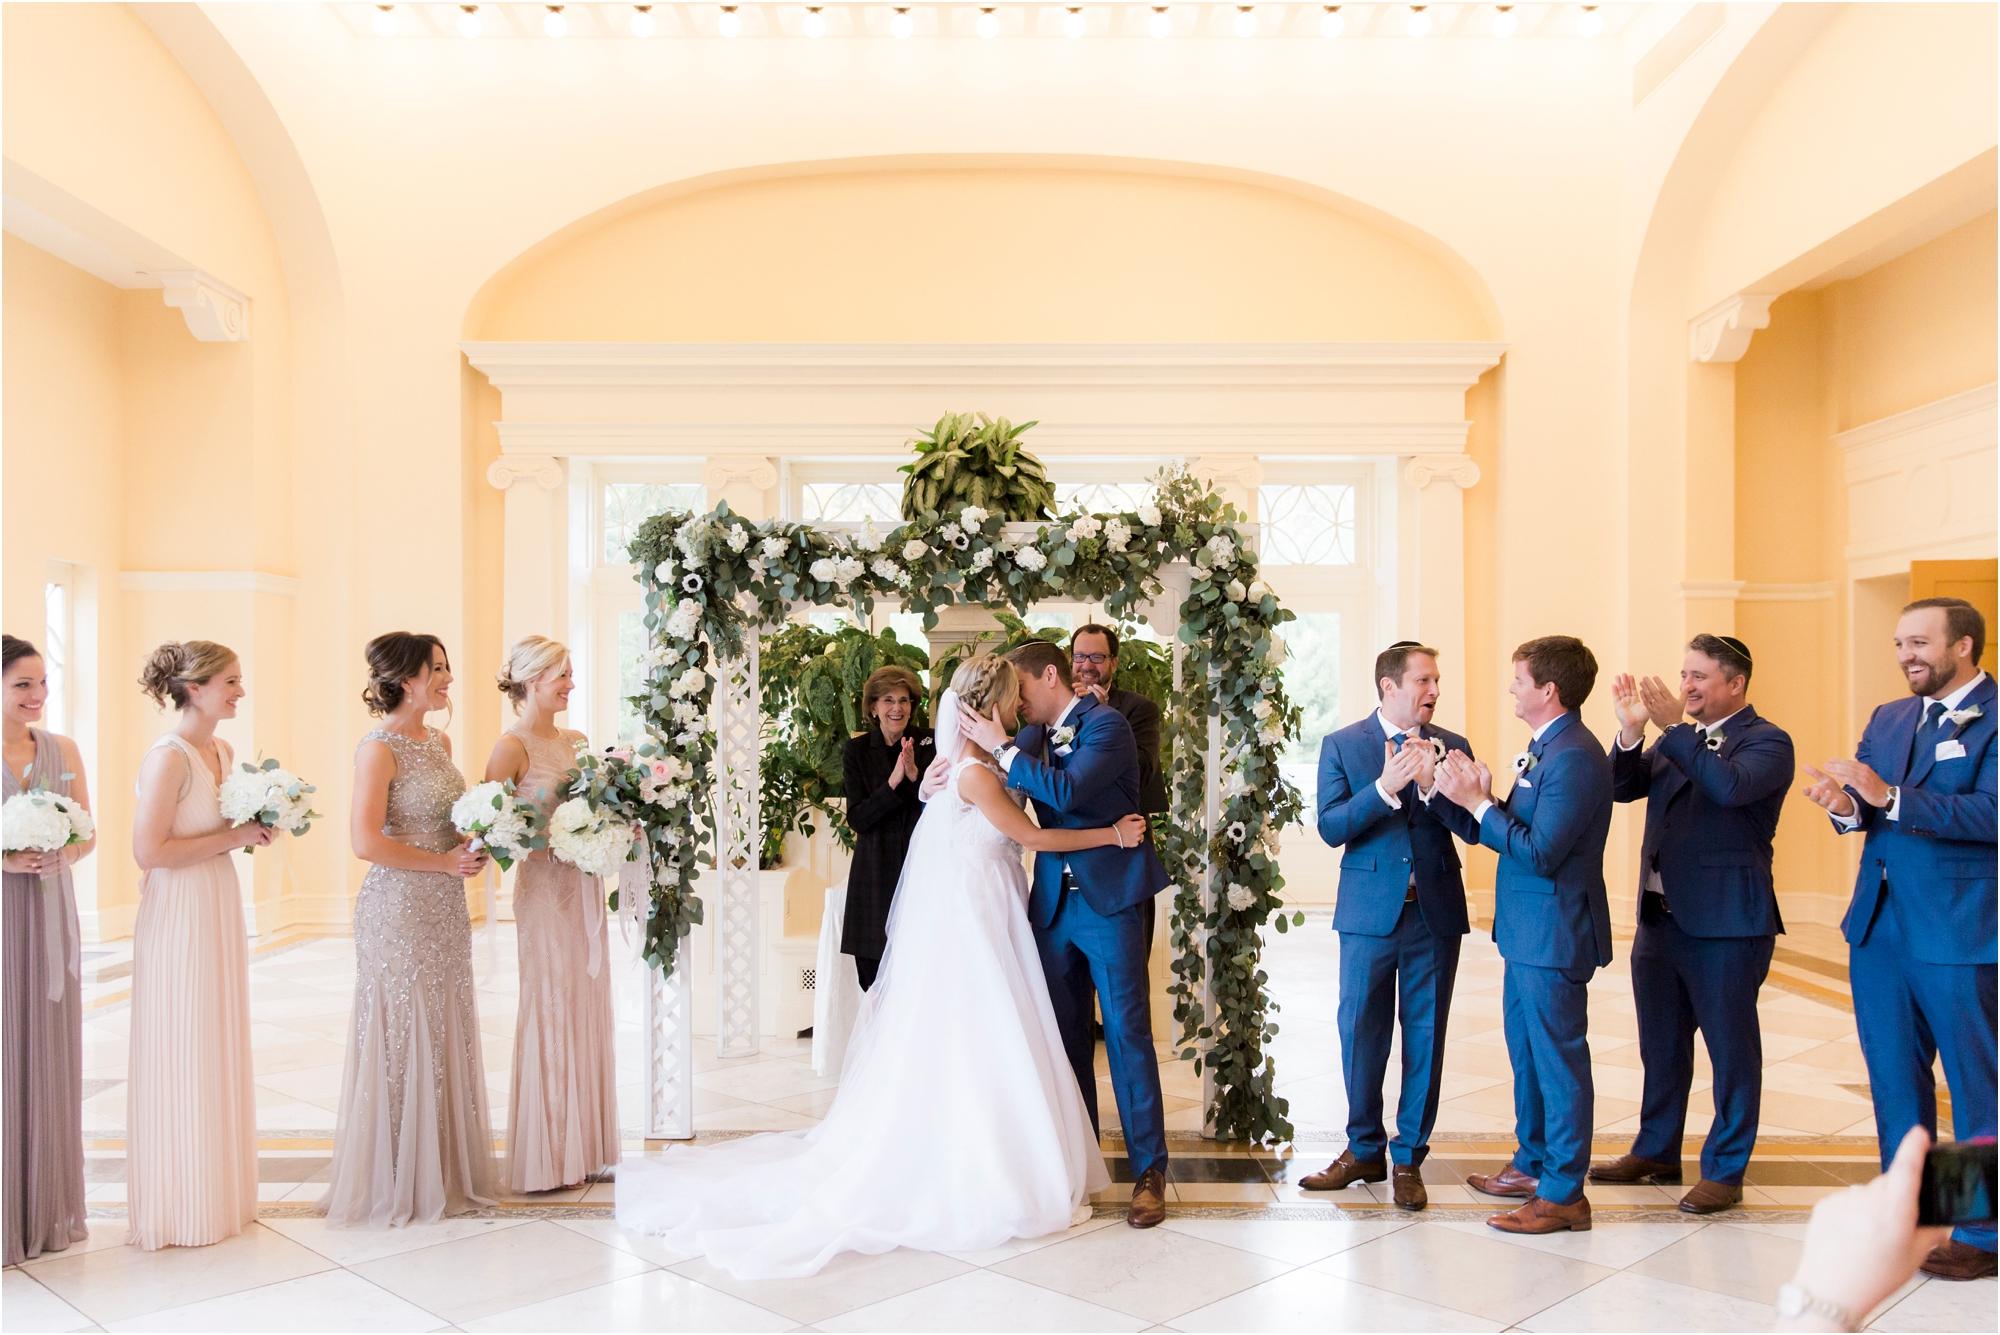 brooke-ilya-fall-virginia-omni-homestead-resort-wedding-photos_0037.jpg